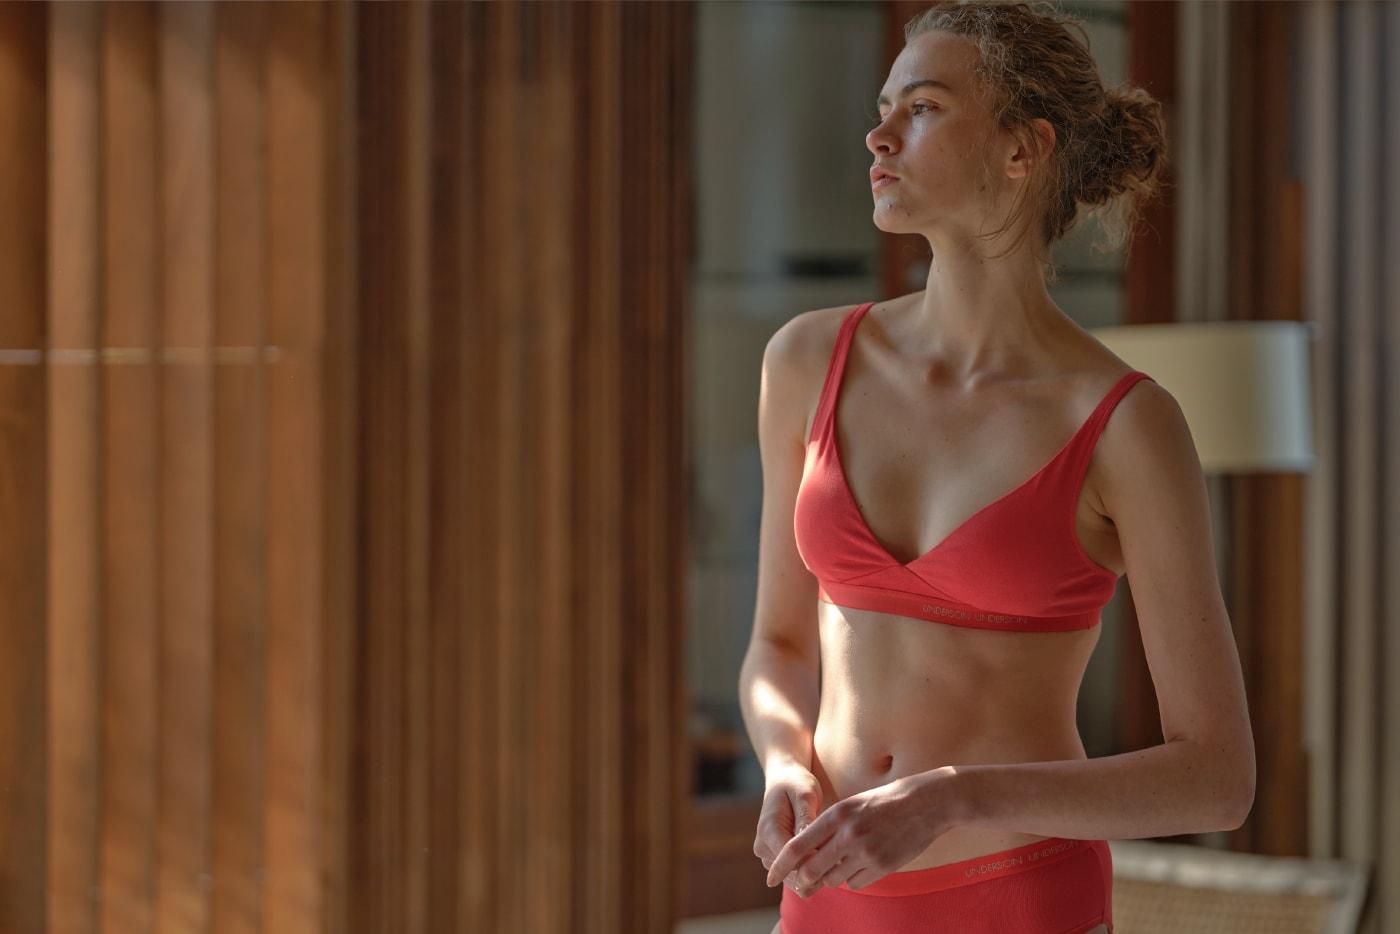 UNDERSON UNDERSON New bra/shorts